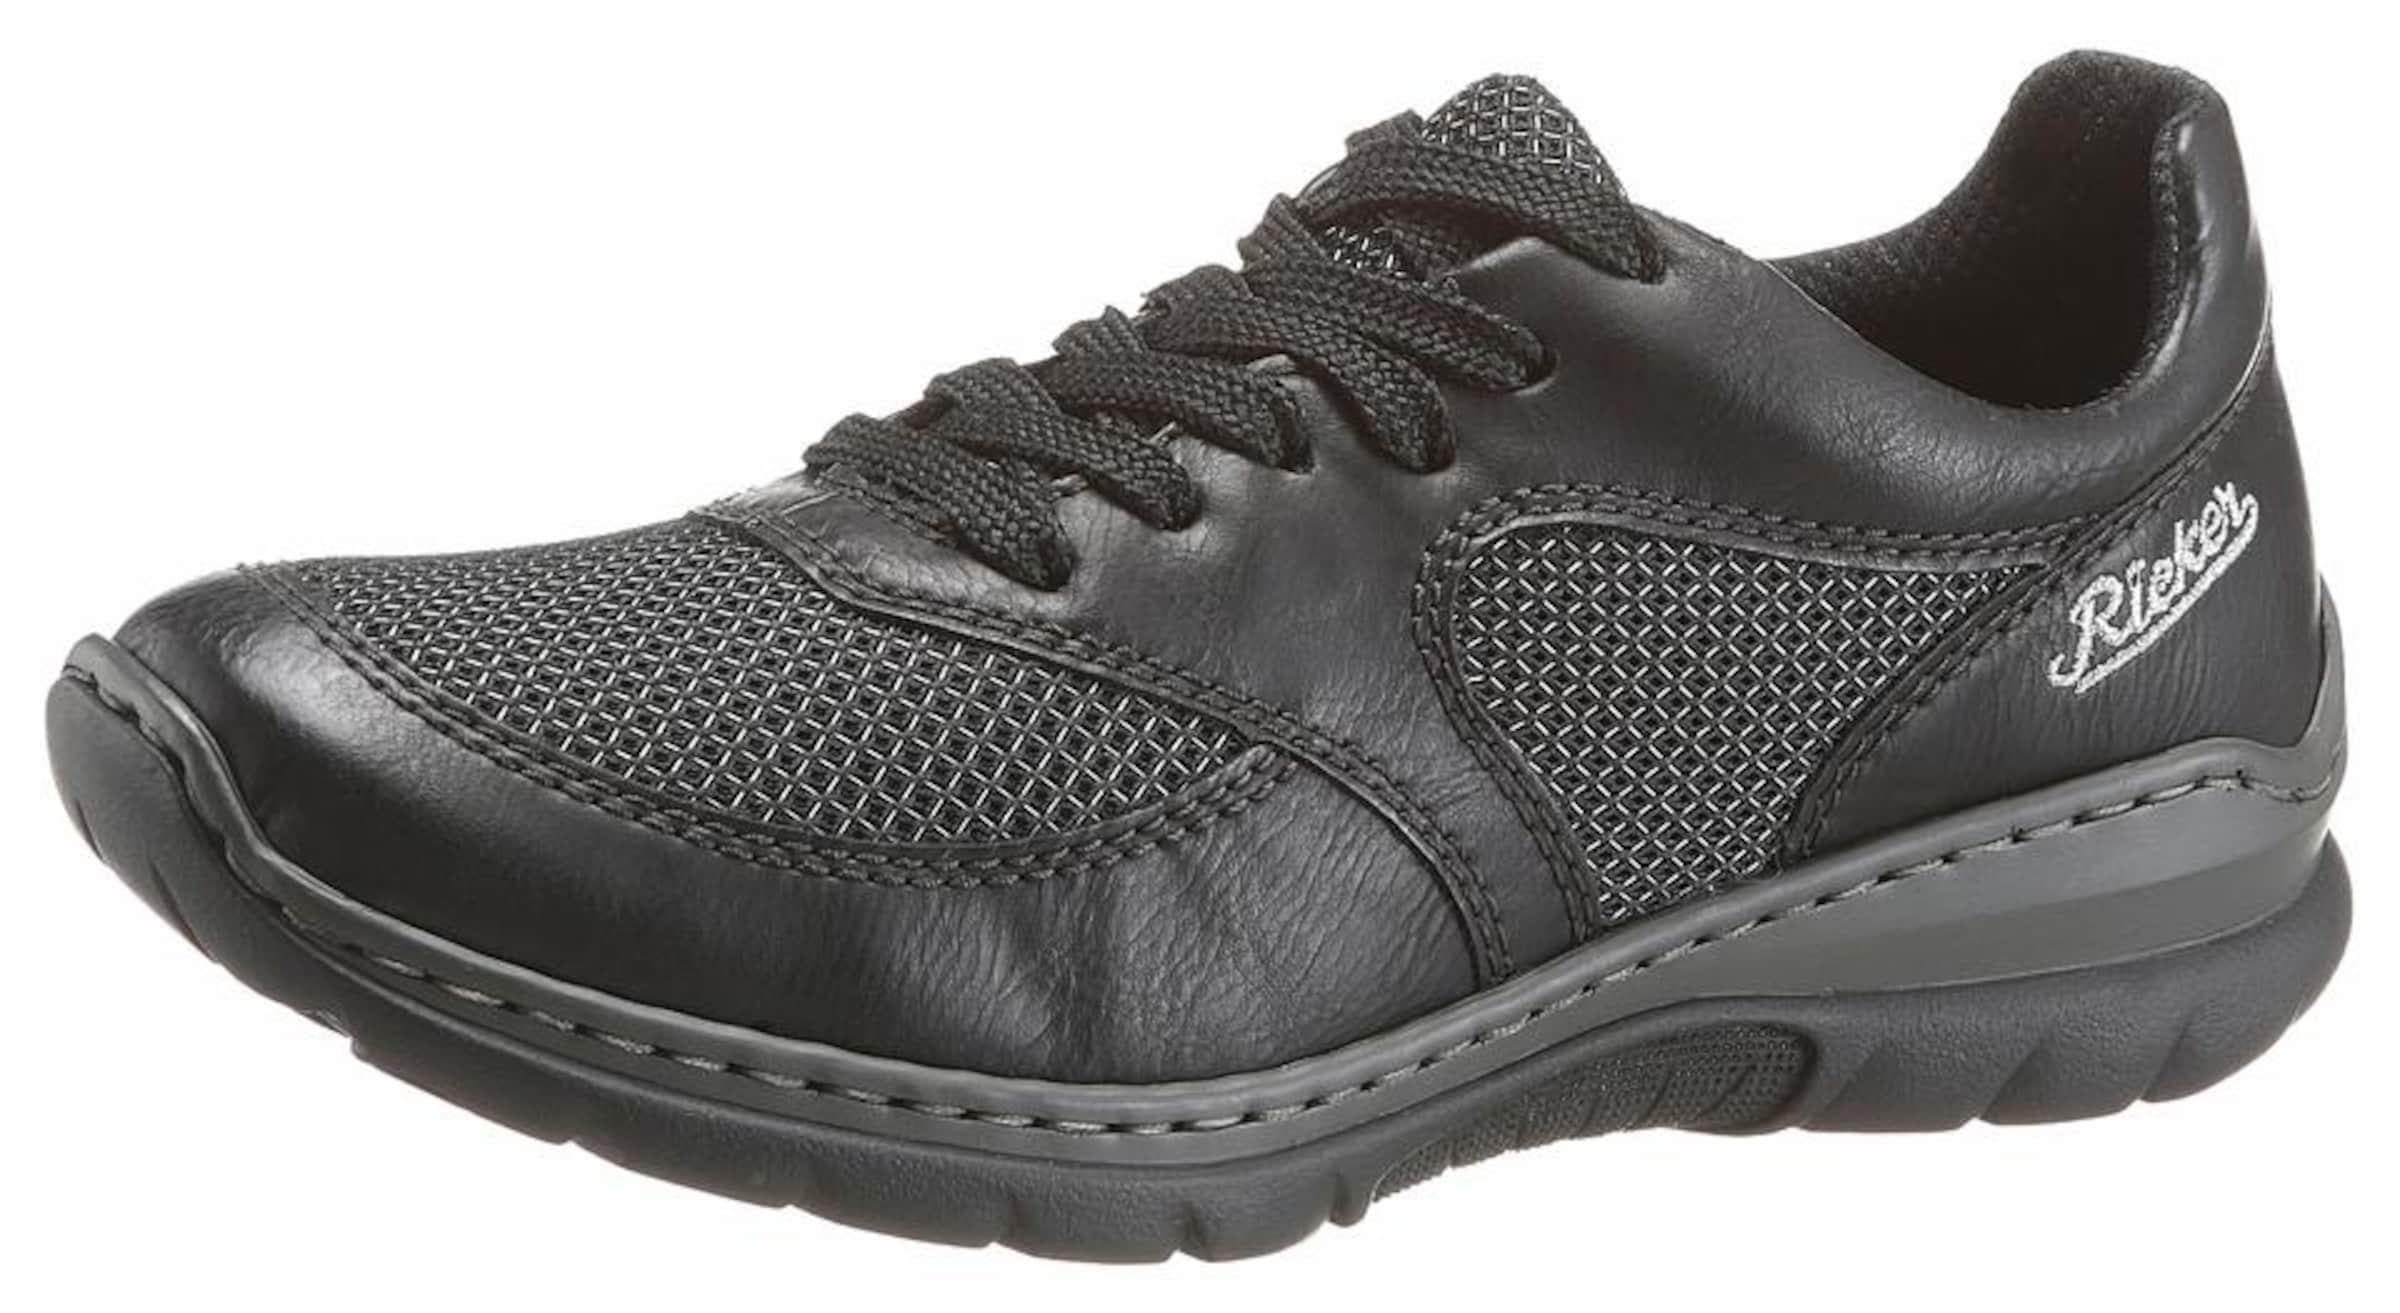 RIEKER Schnürschuh Günstige und langlebige Schuhe